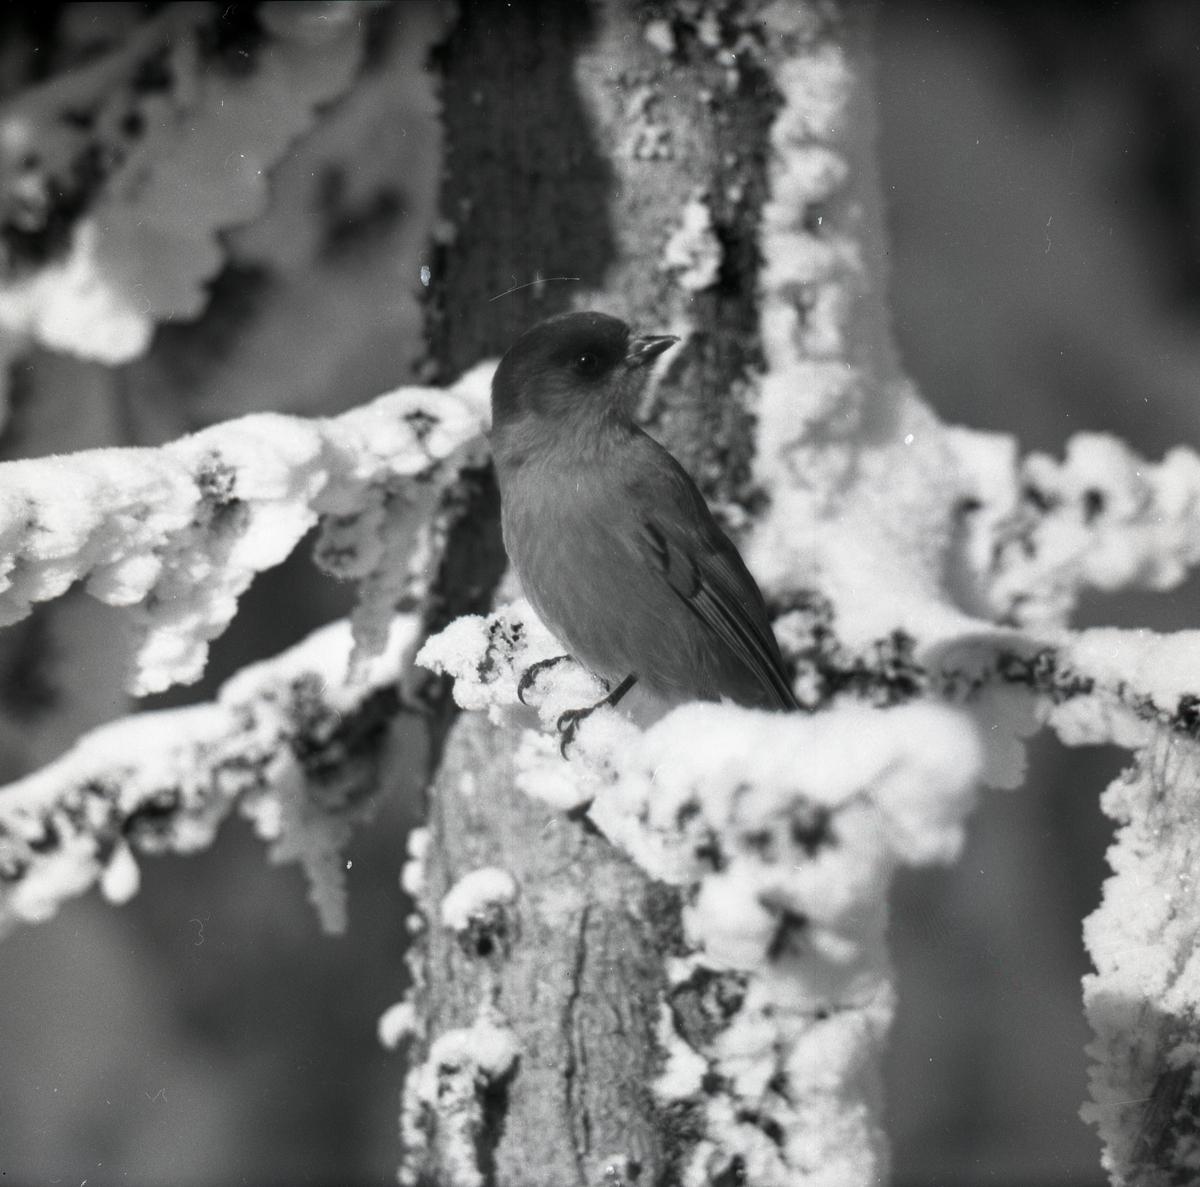 En lavskrika sitter på en snöig gren i Nybodarna den 10-11 februari 1955.